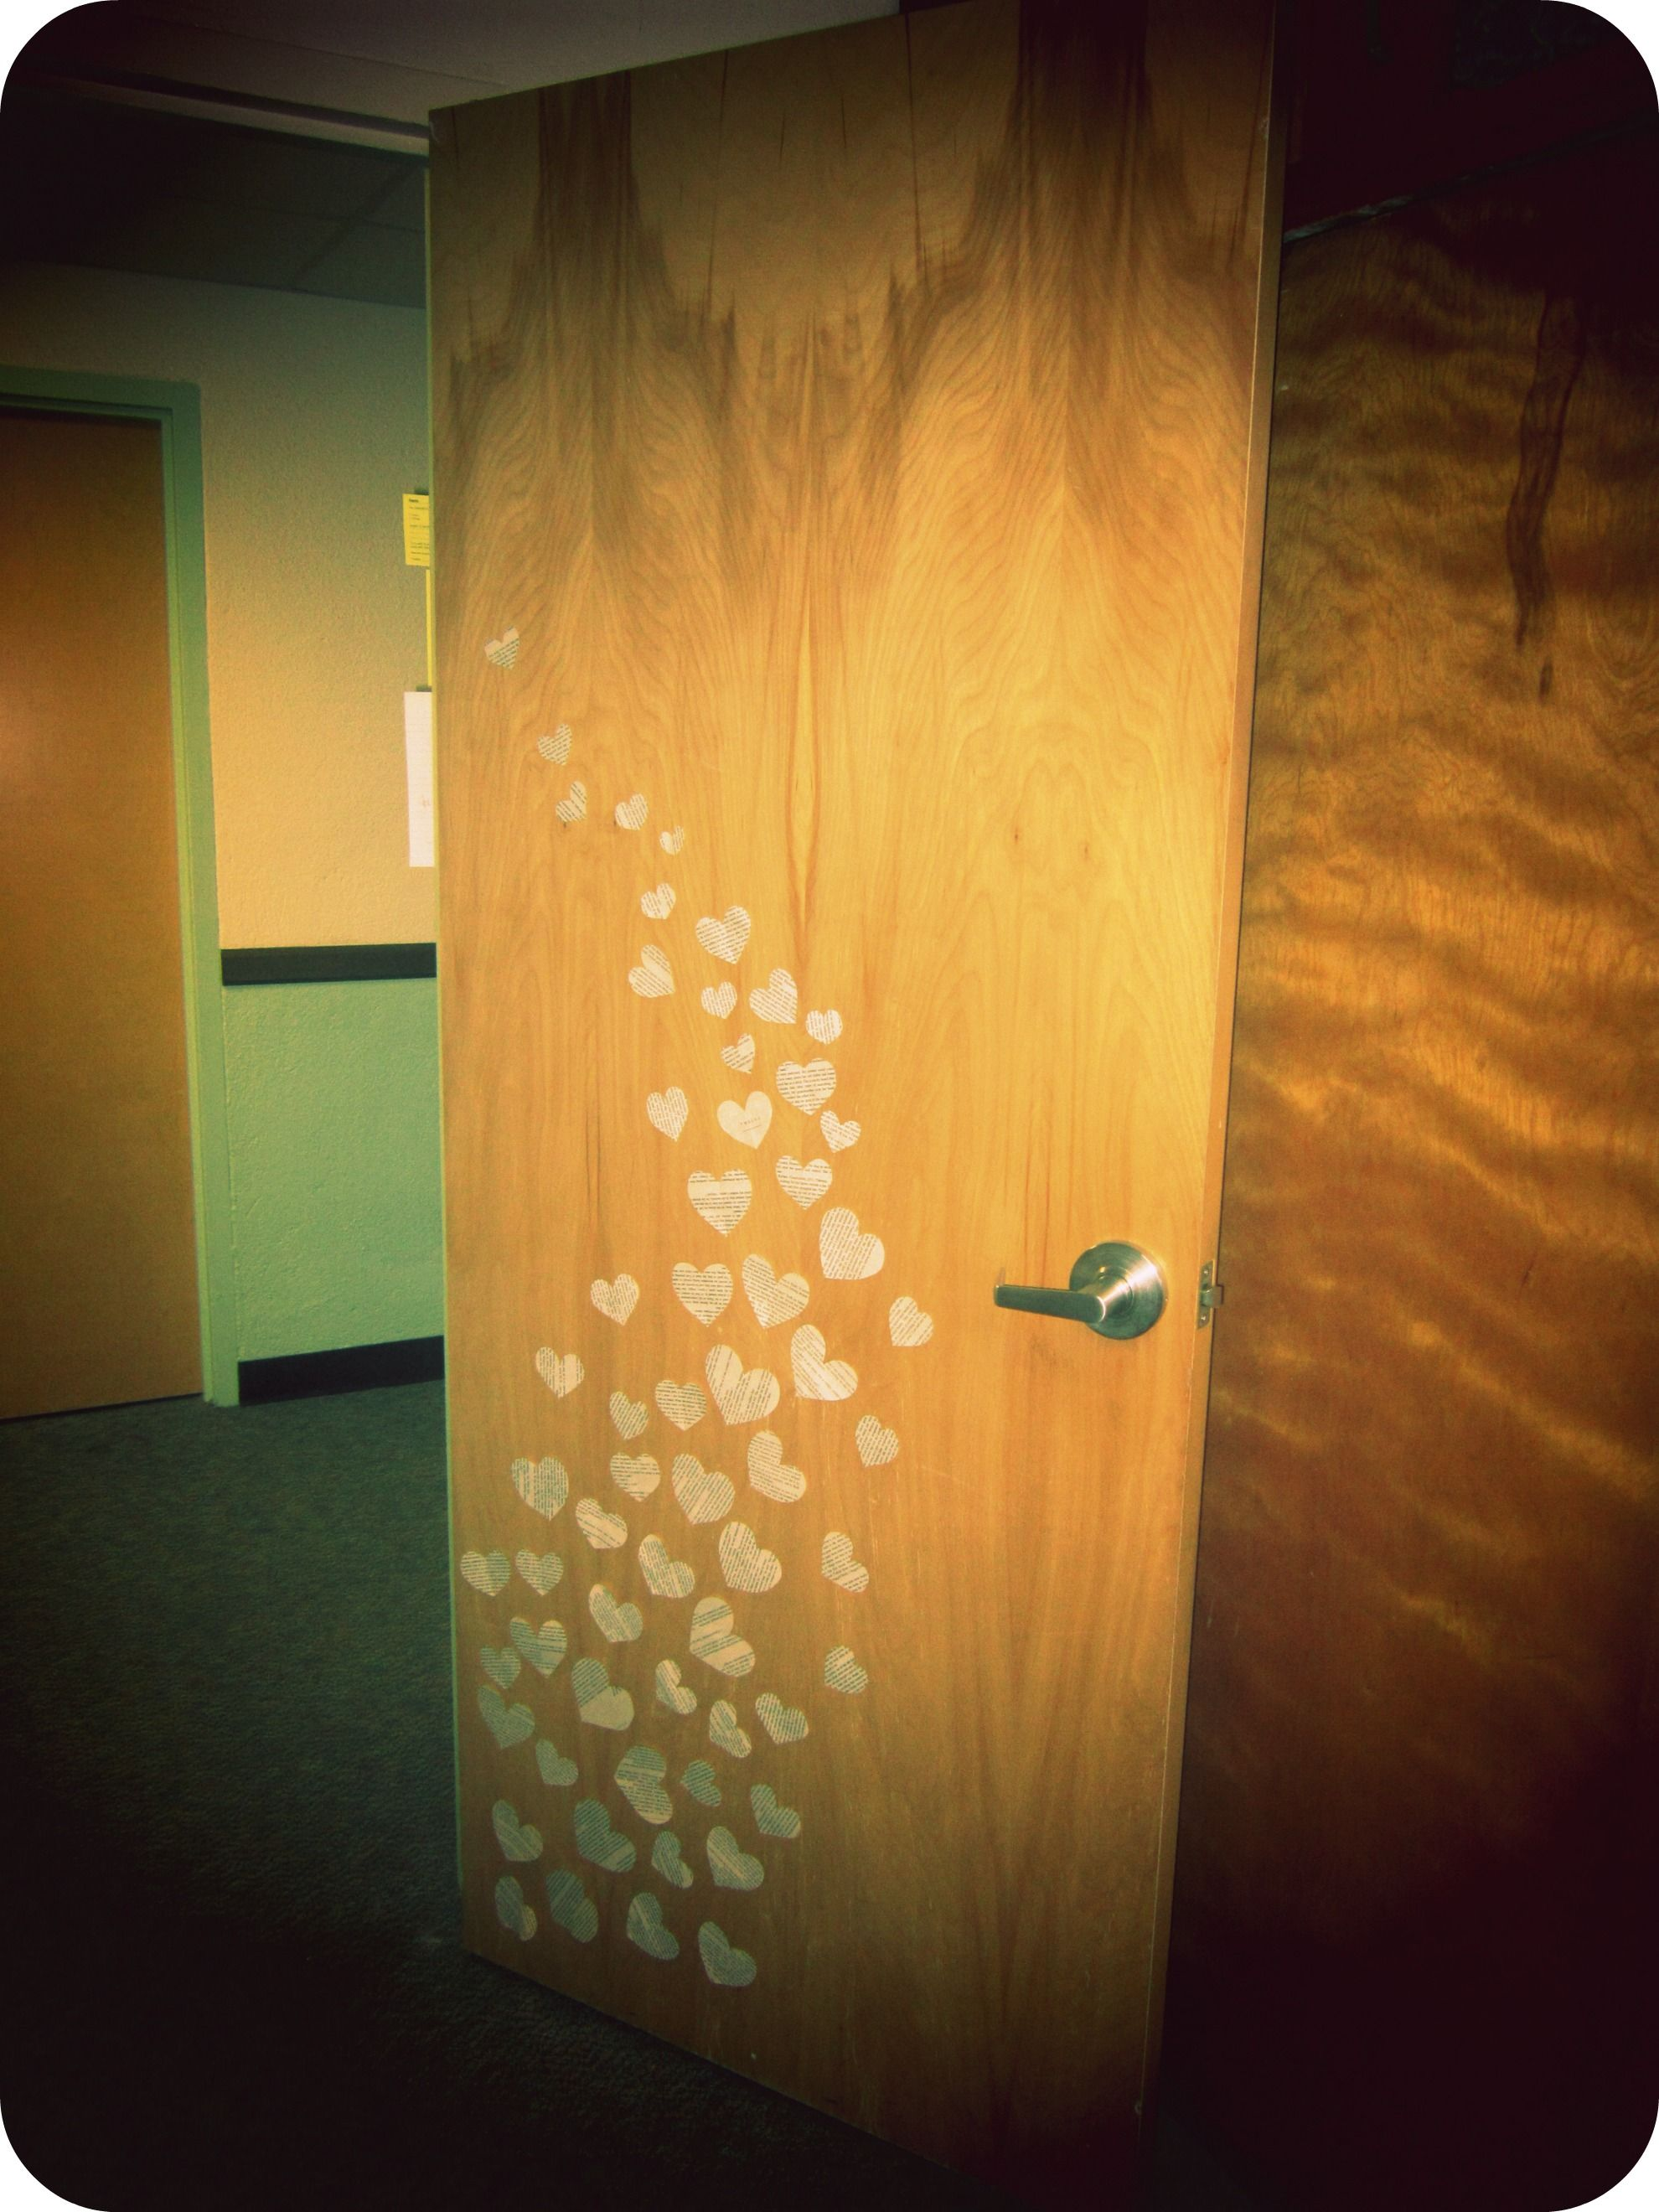 College Door Decorations on Pinterest